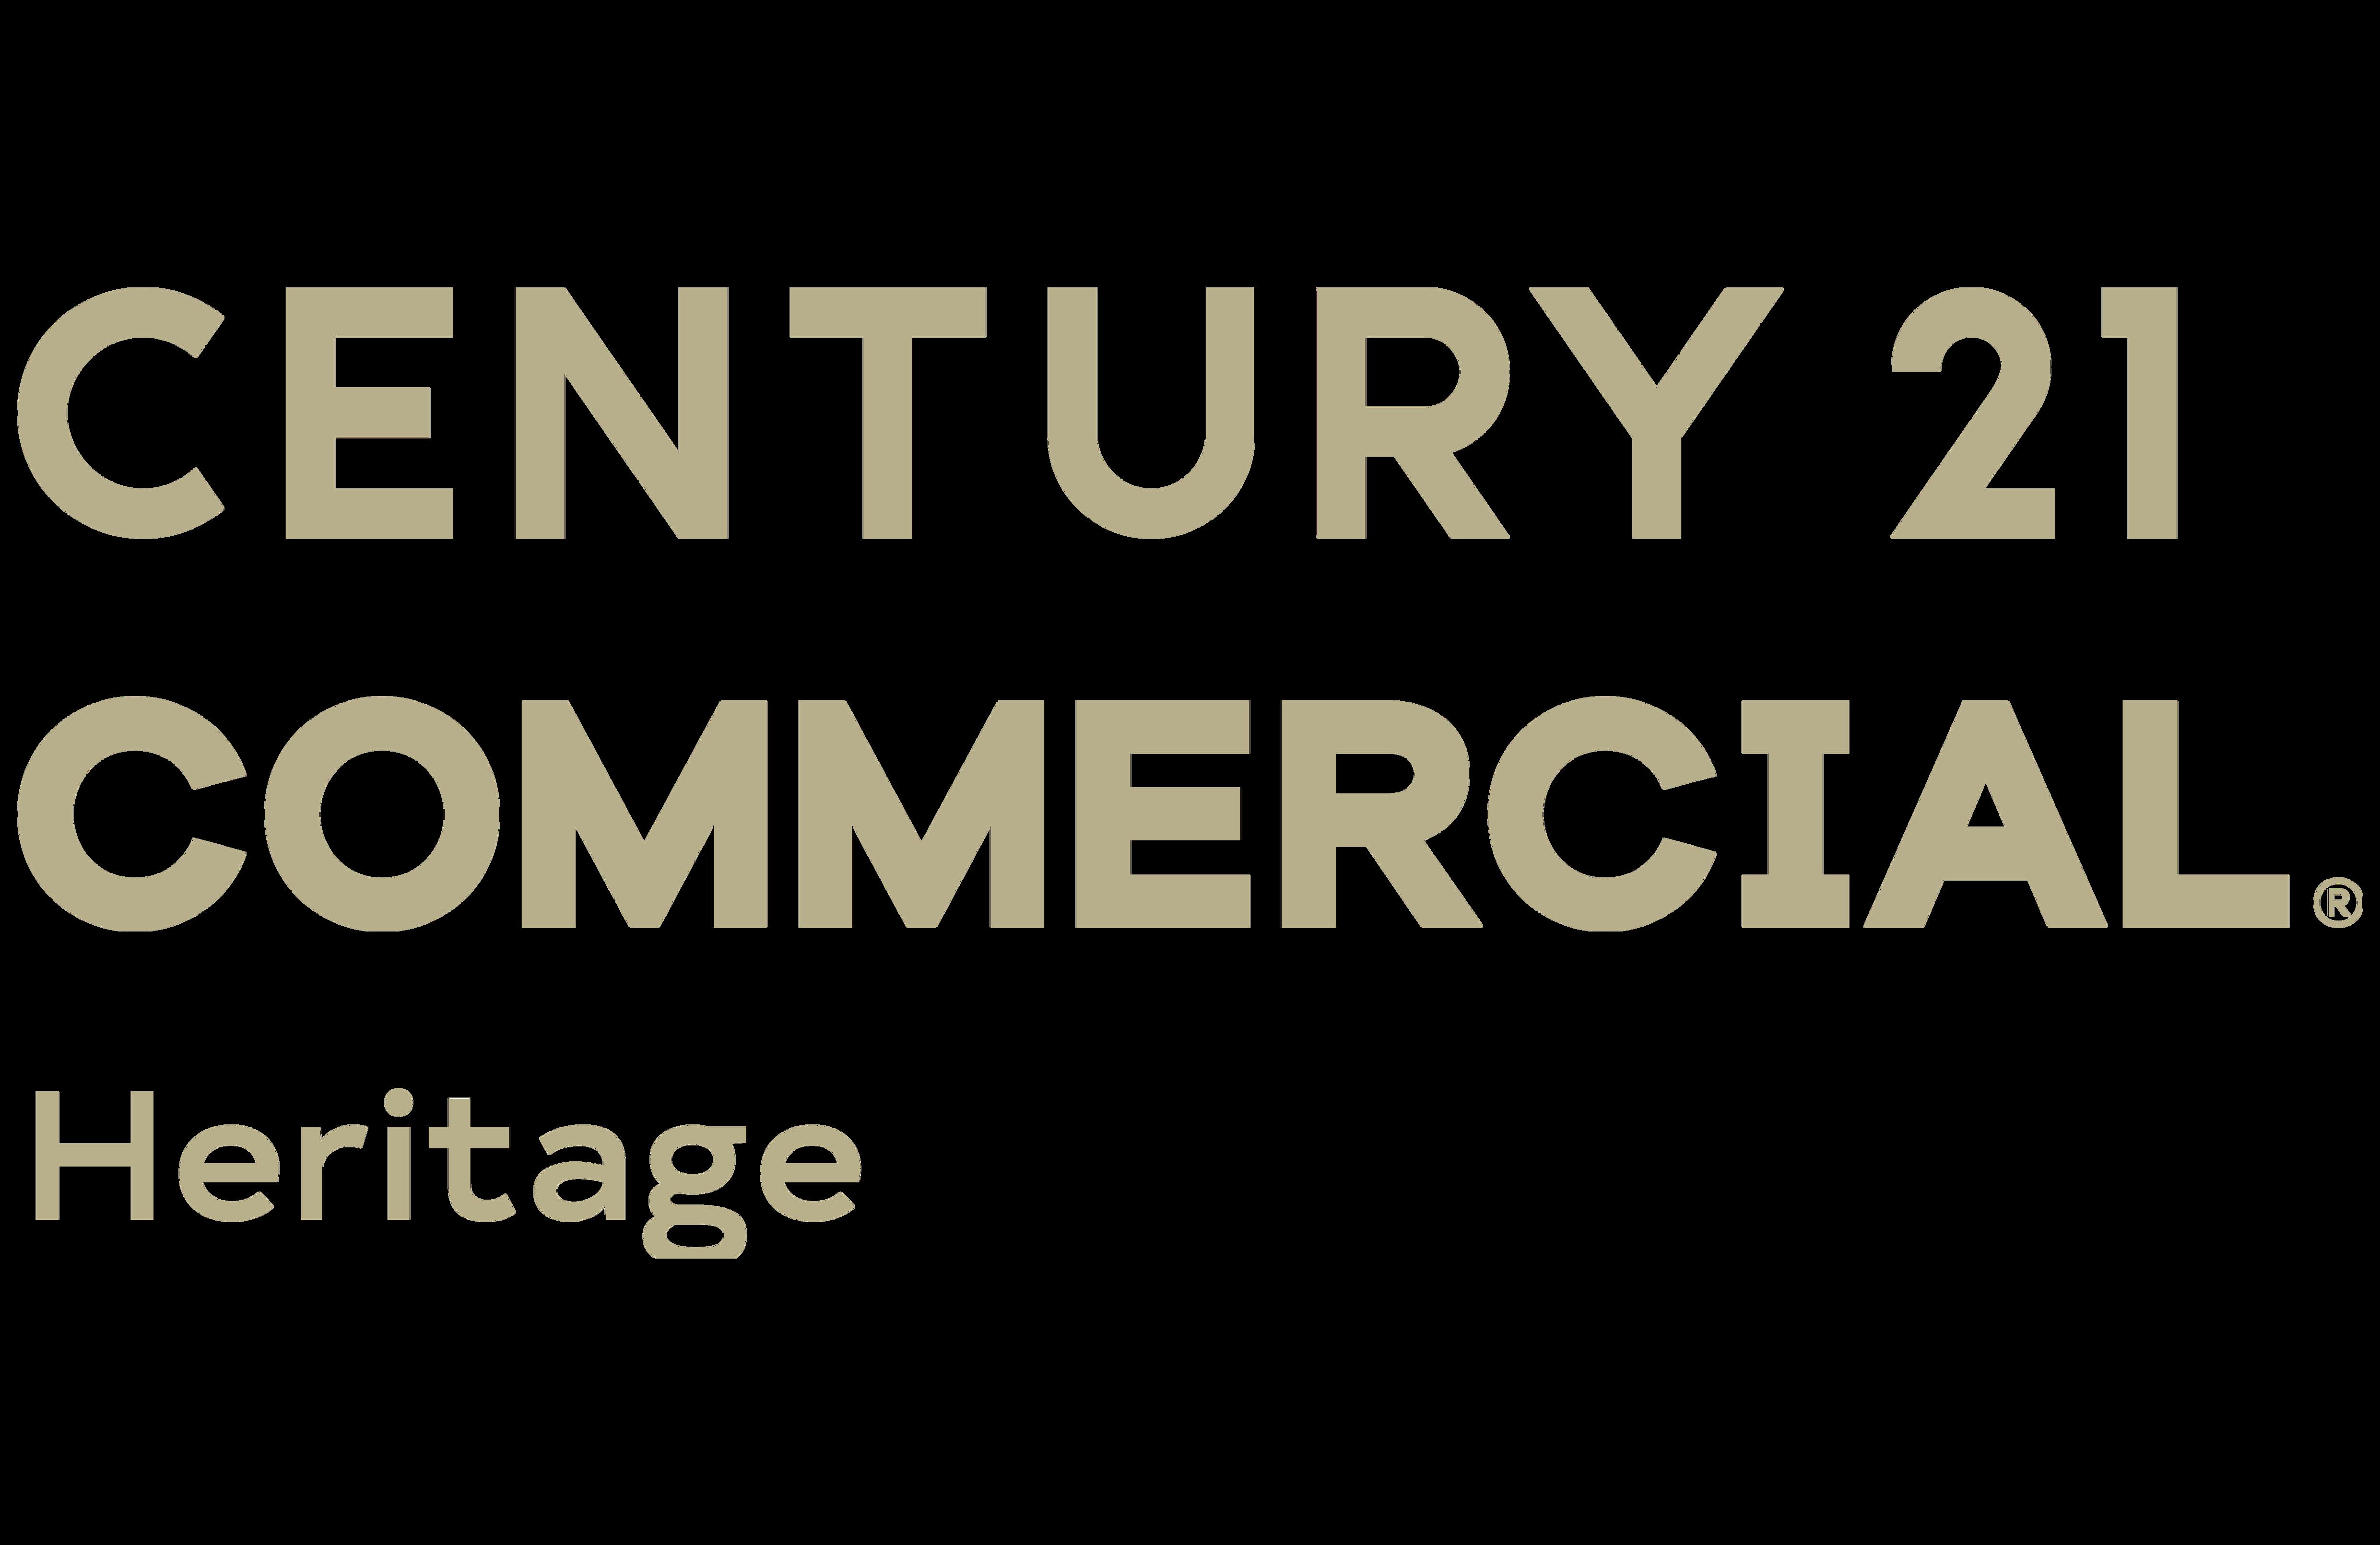 Jeff Kinsler of CENTURY 21 Heritage logo